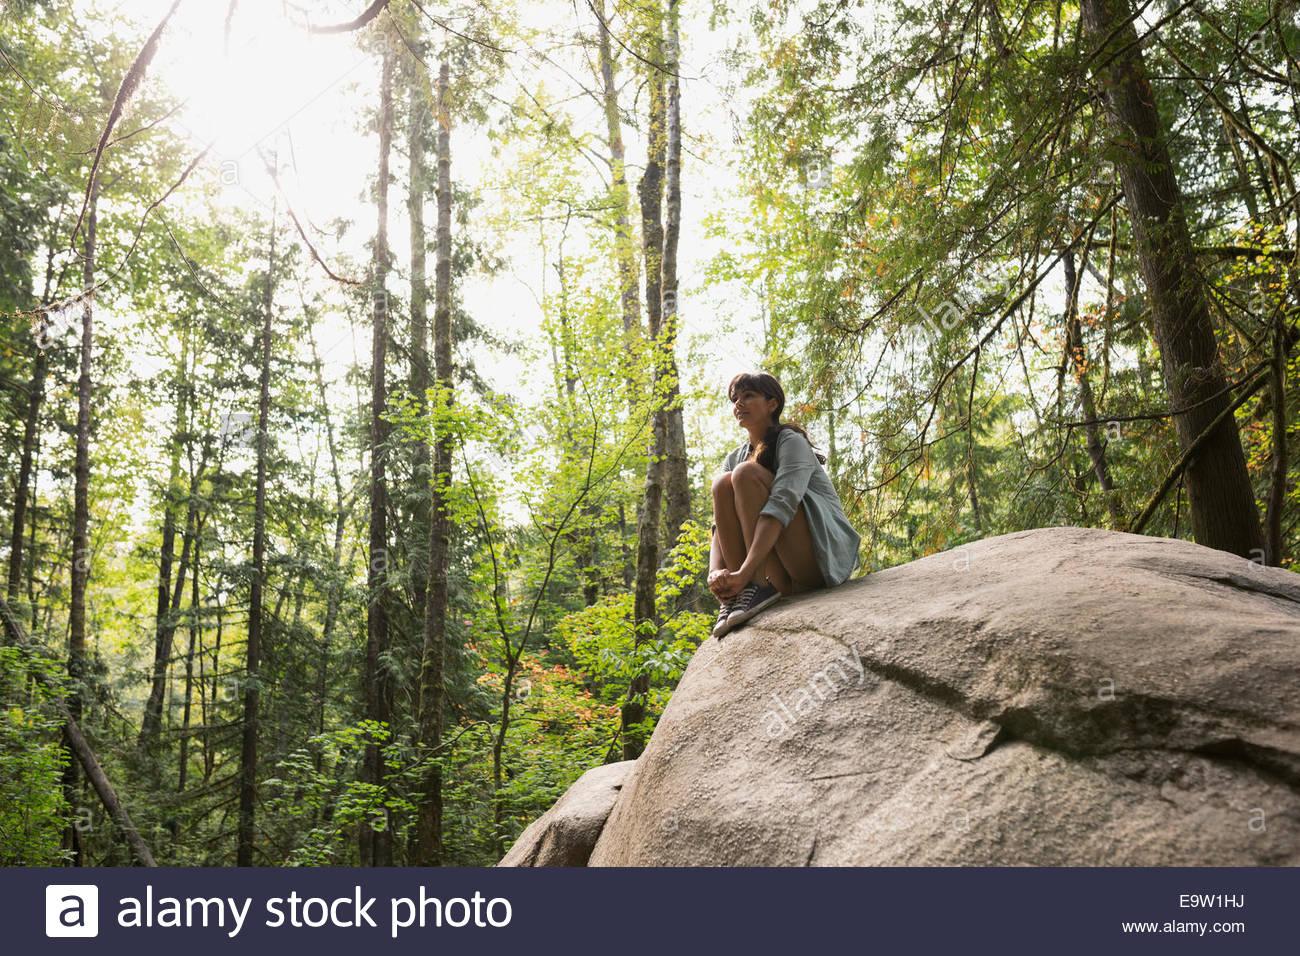 Junge Frau sitzt auf Felsen im sonnigen Wald Stockbild